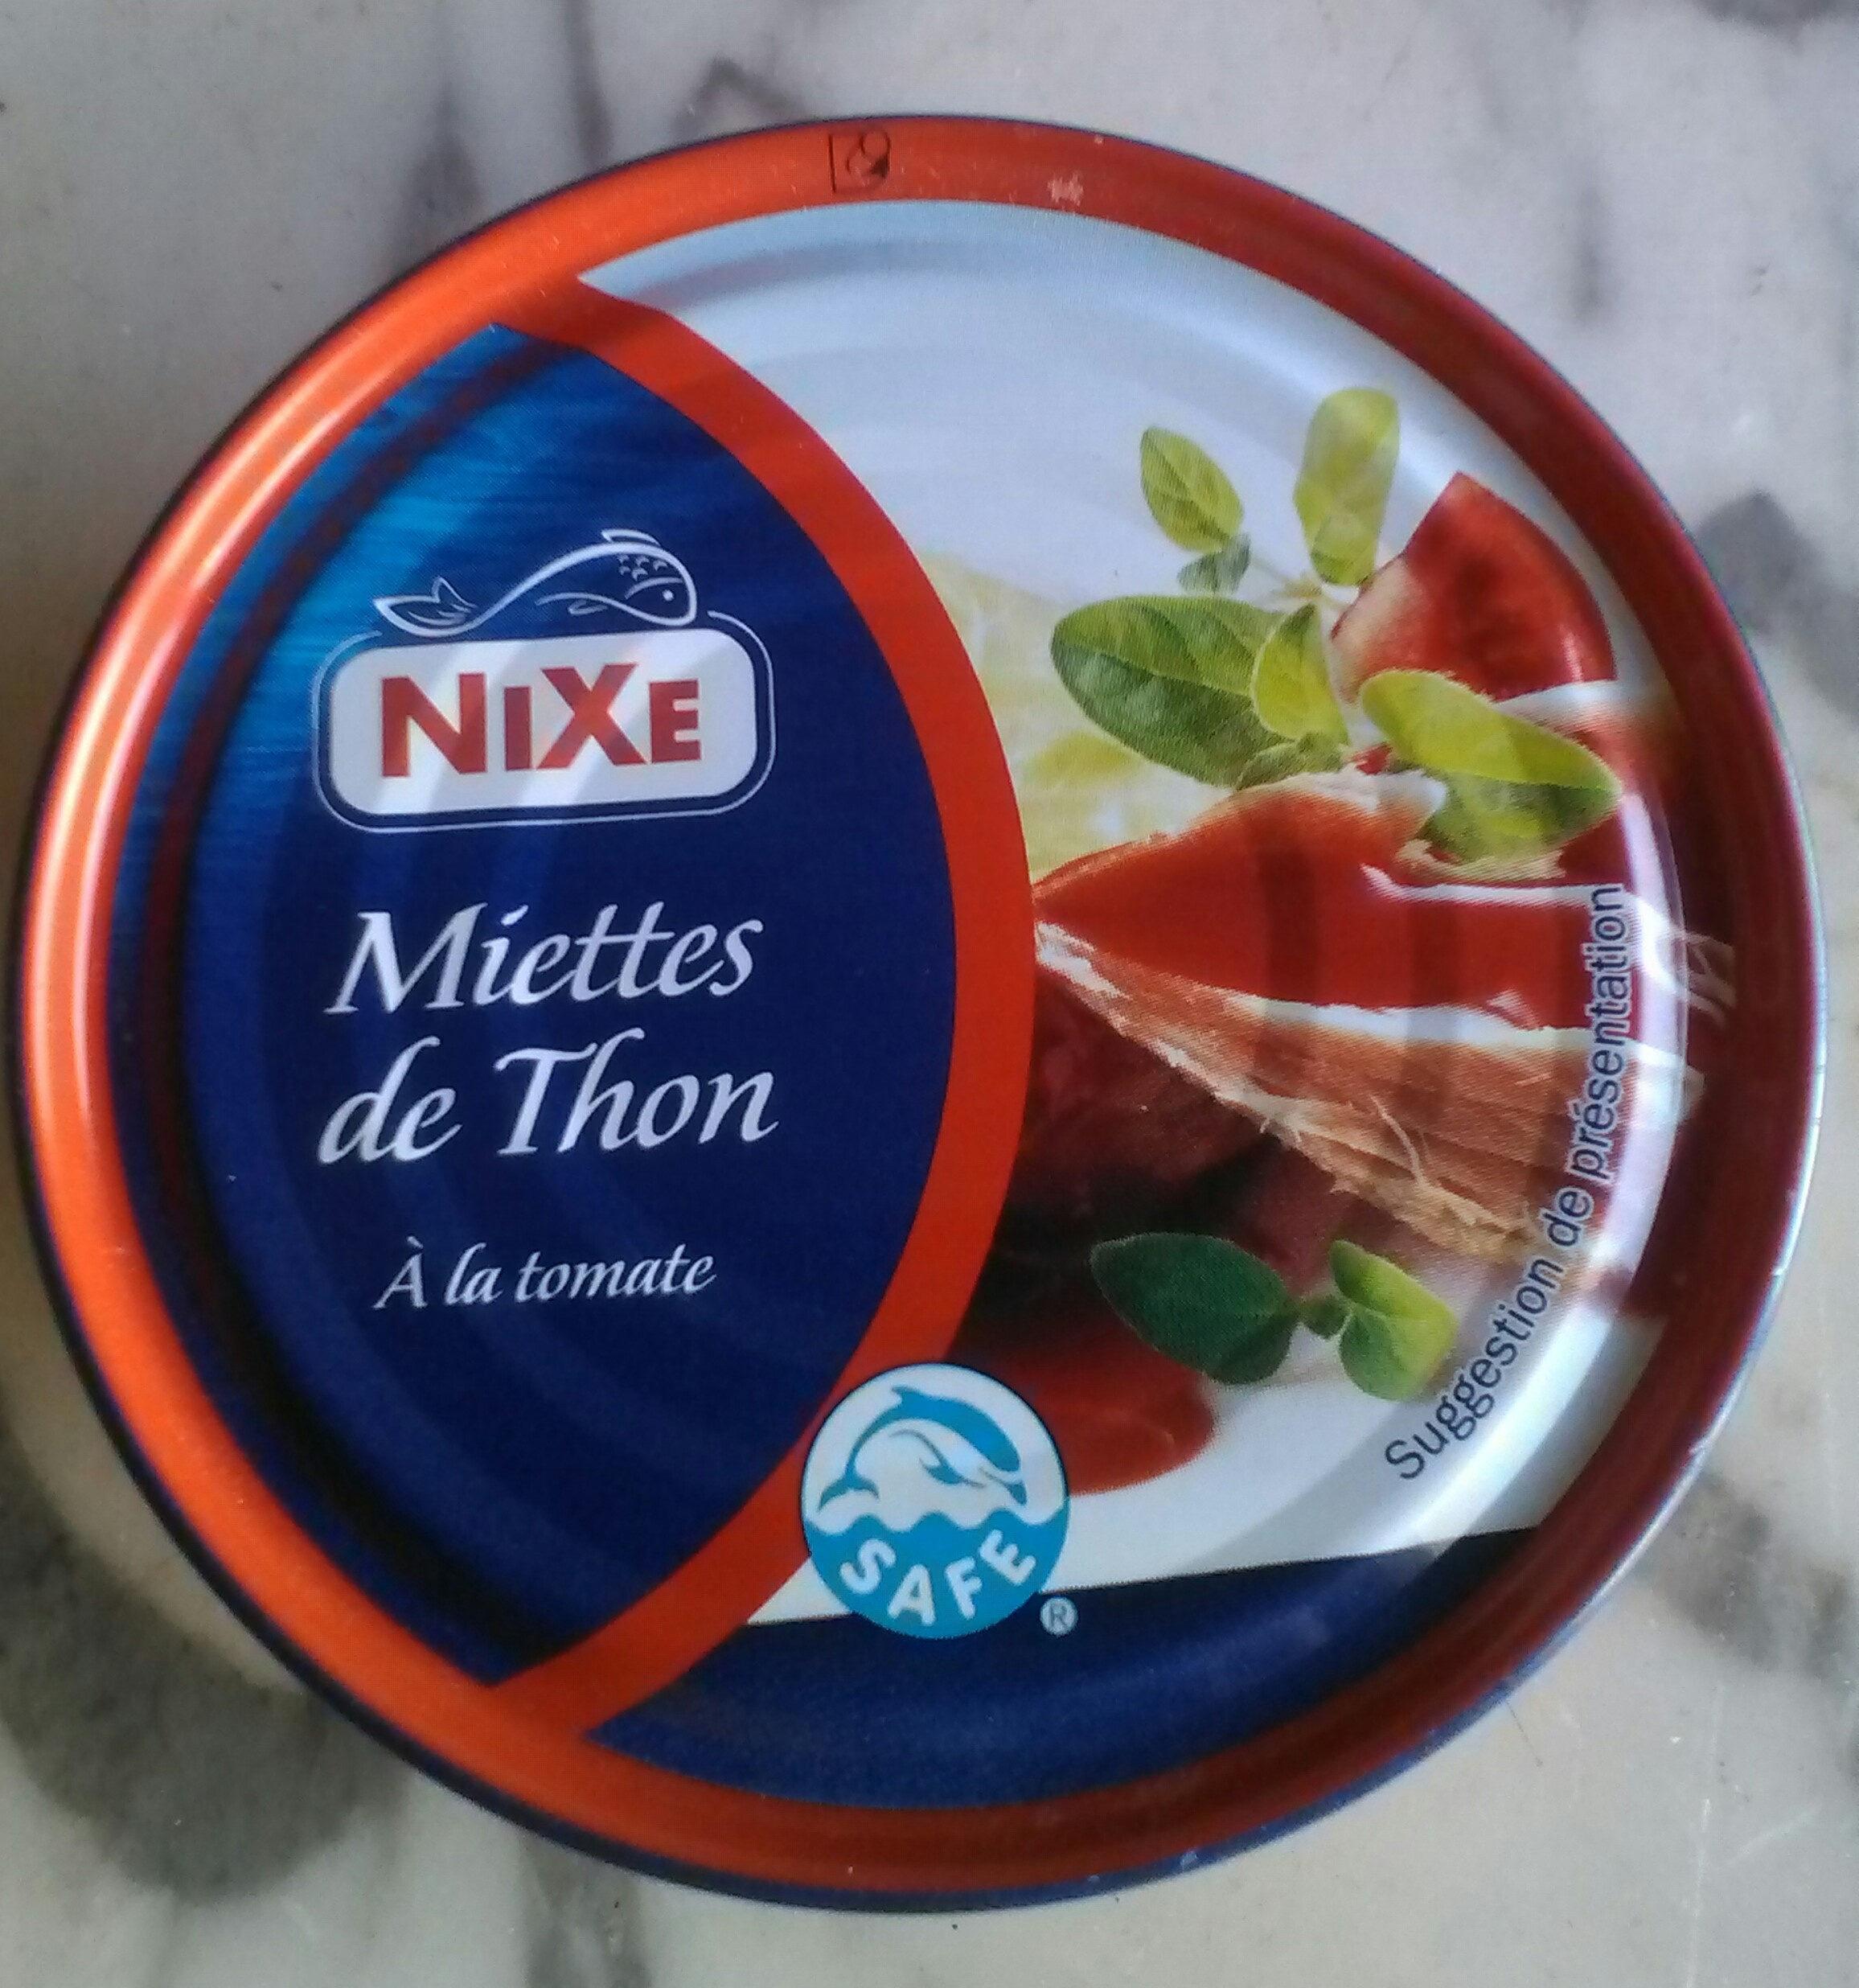 Miettes de thon - Produit